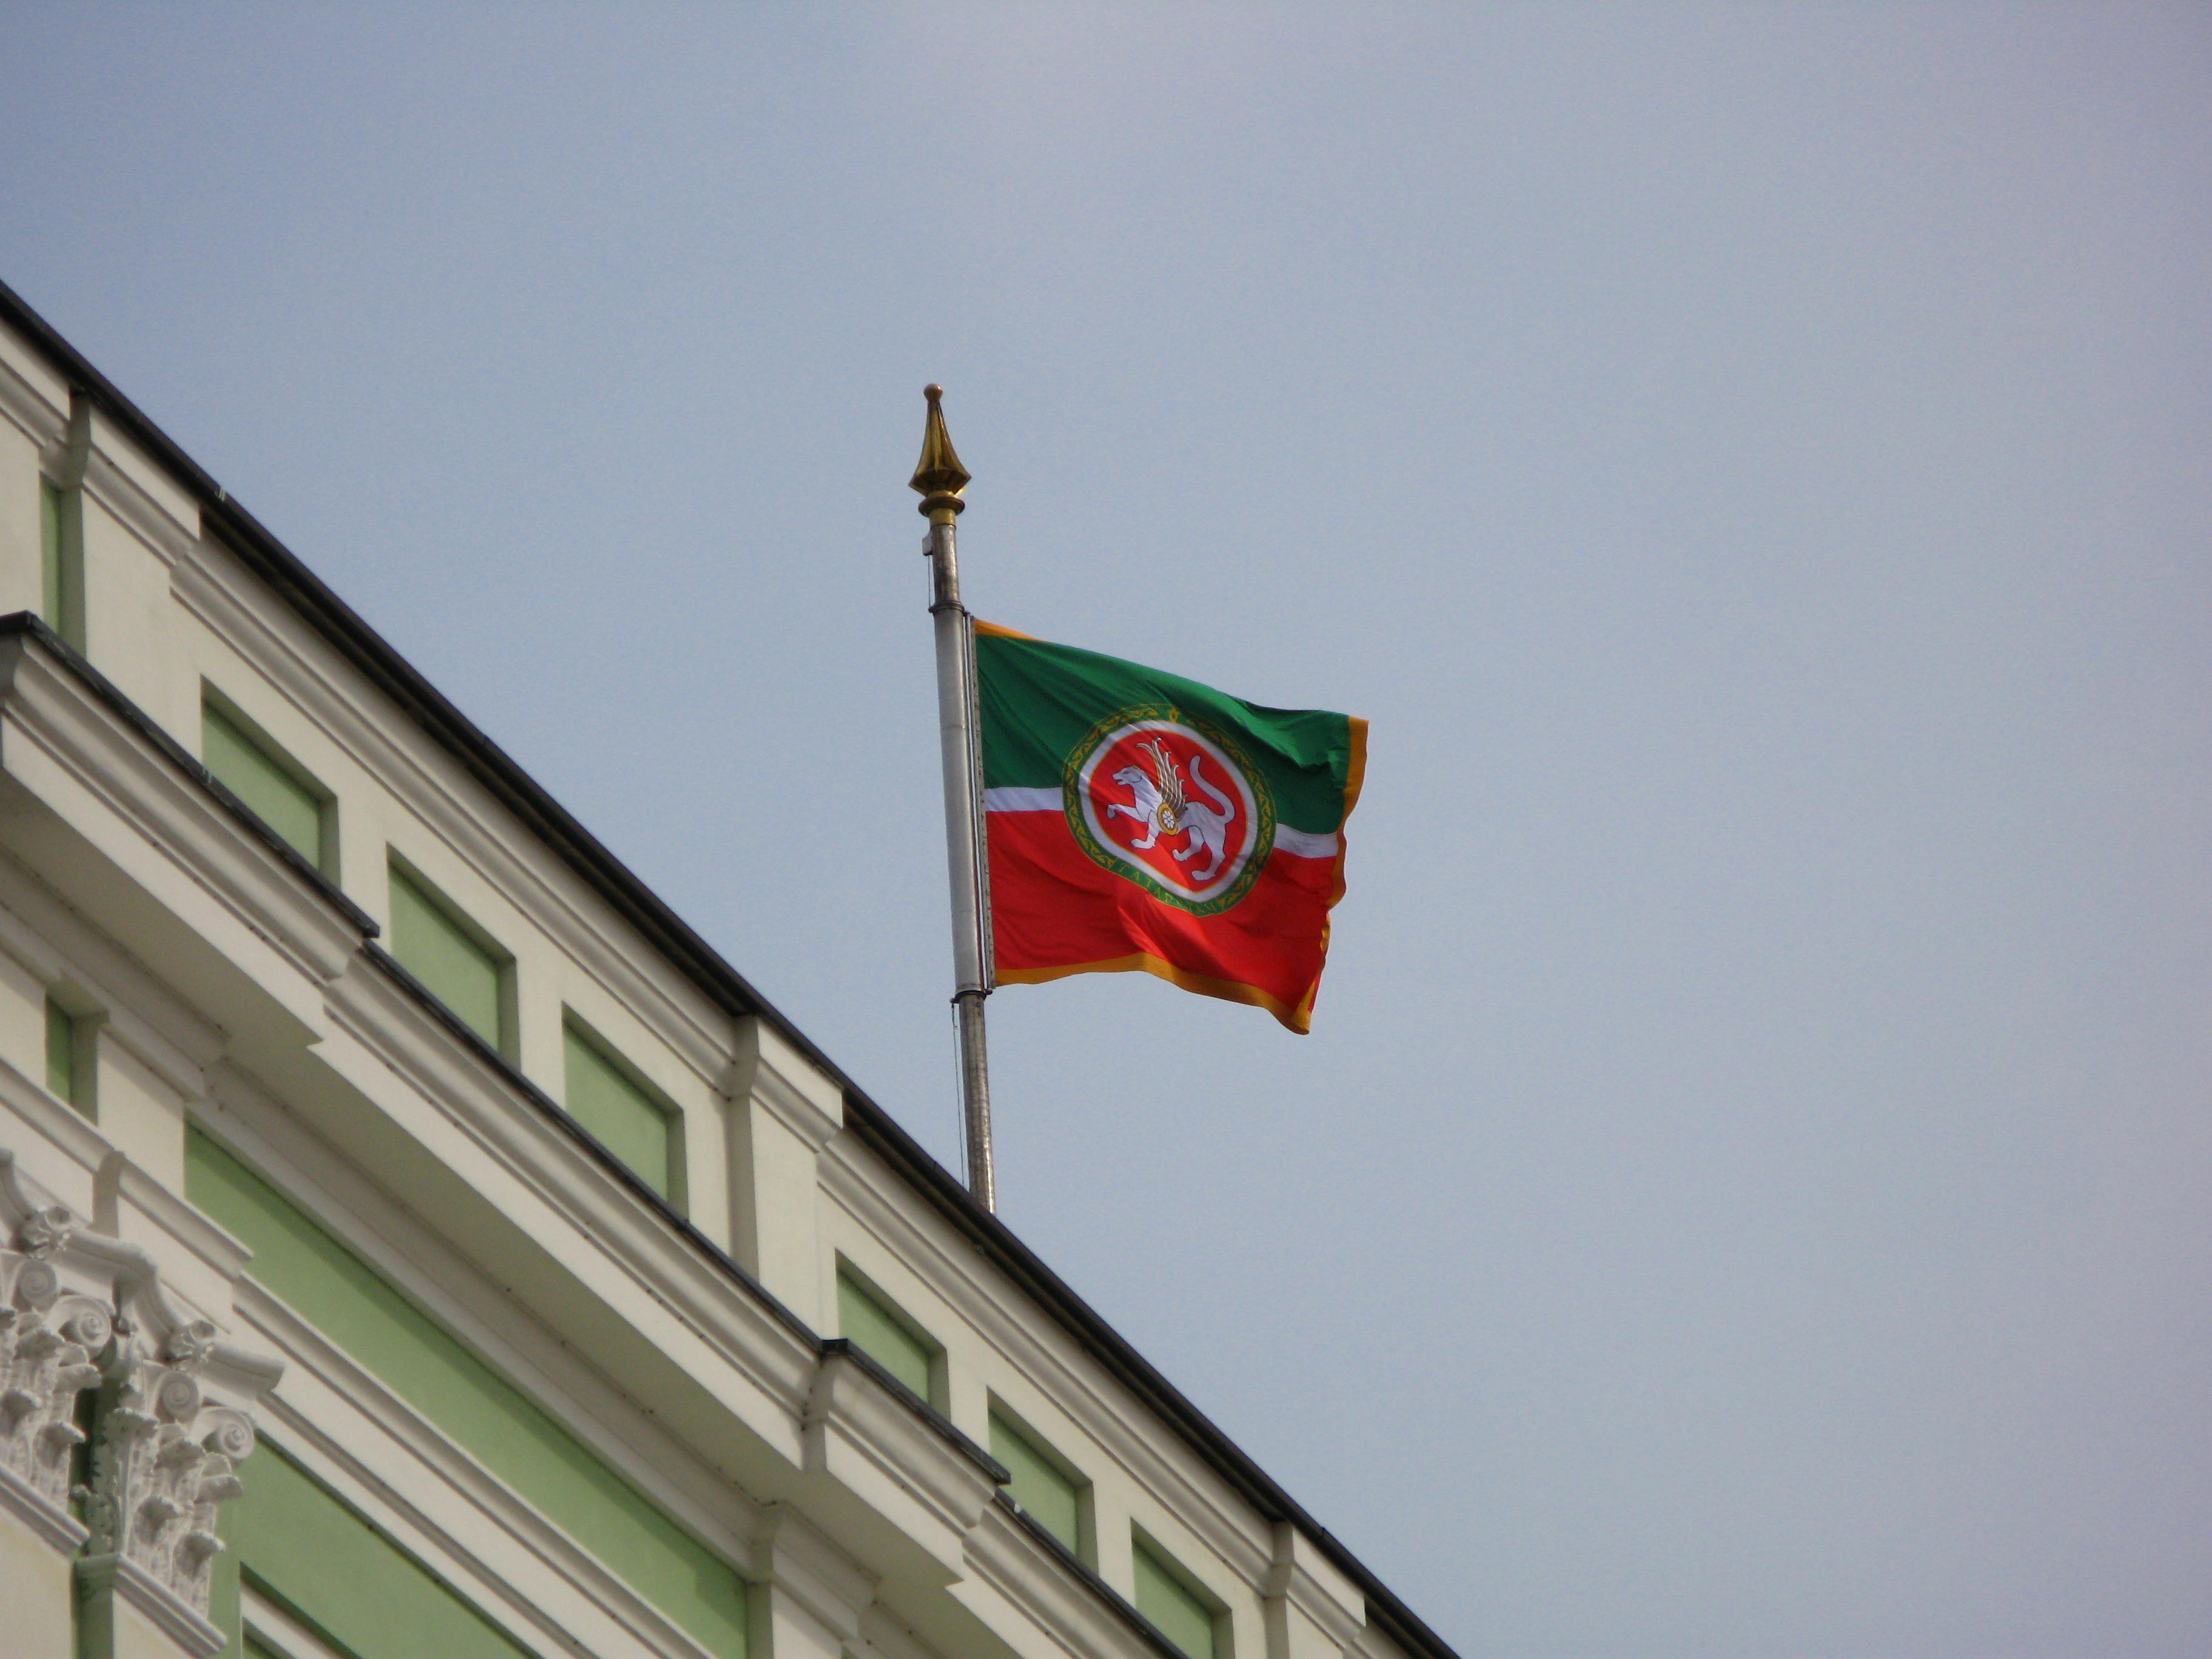 пальцы татарский флаг фото гастроэнтерологи используют